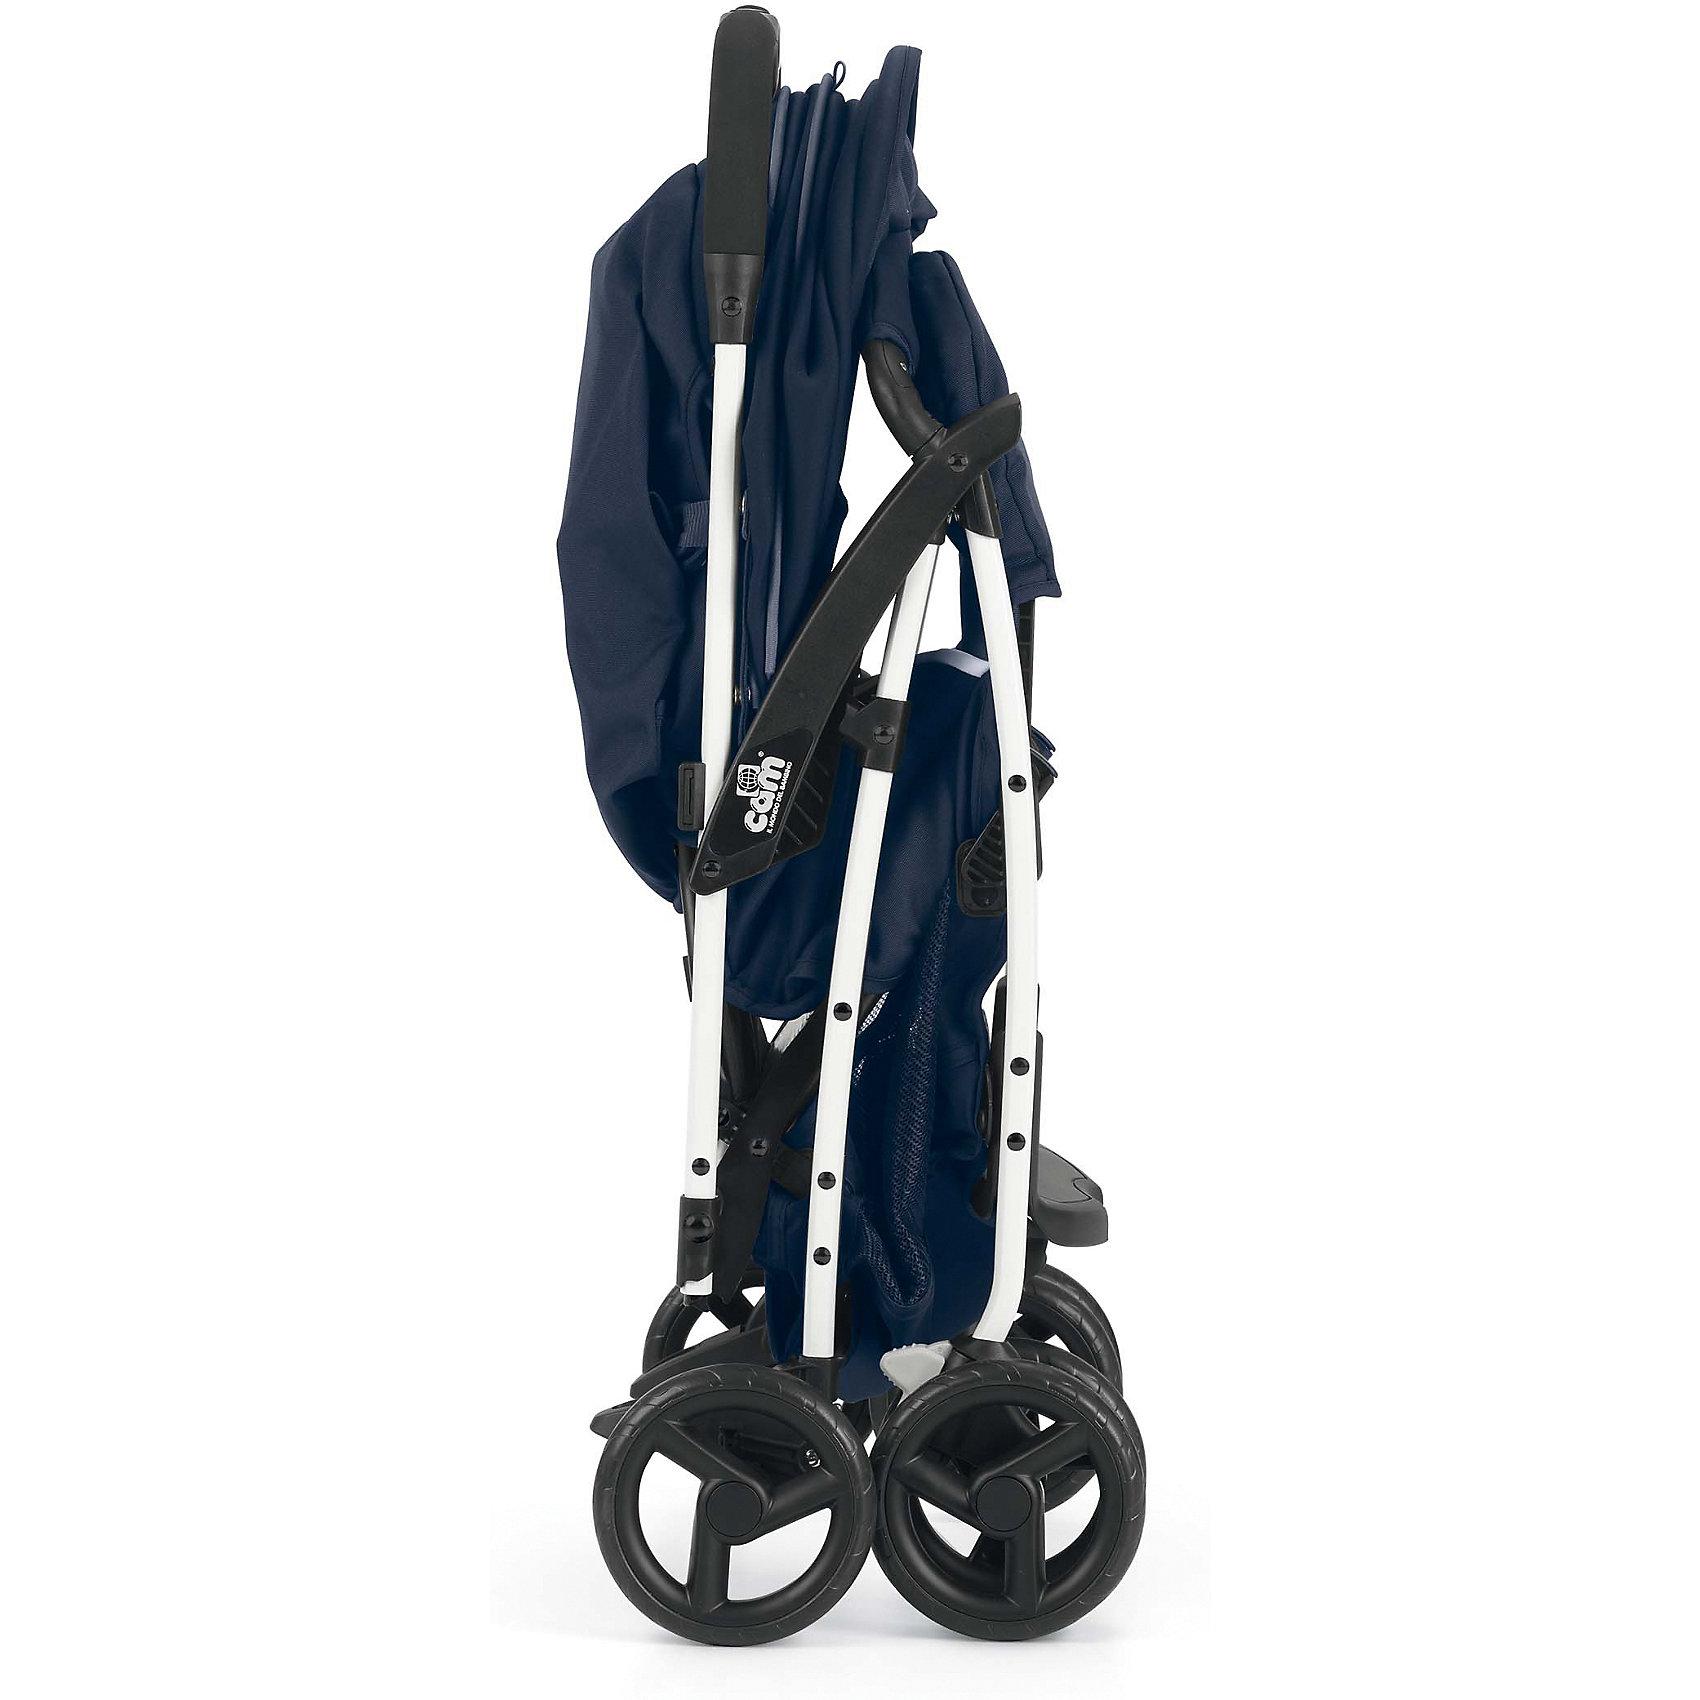 Прогулочная коляска CAM Curvi, серый/бирюзовый